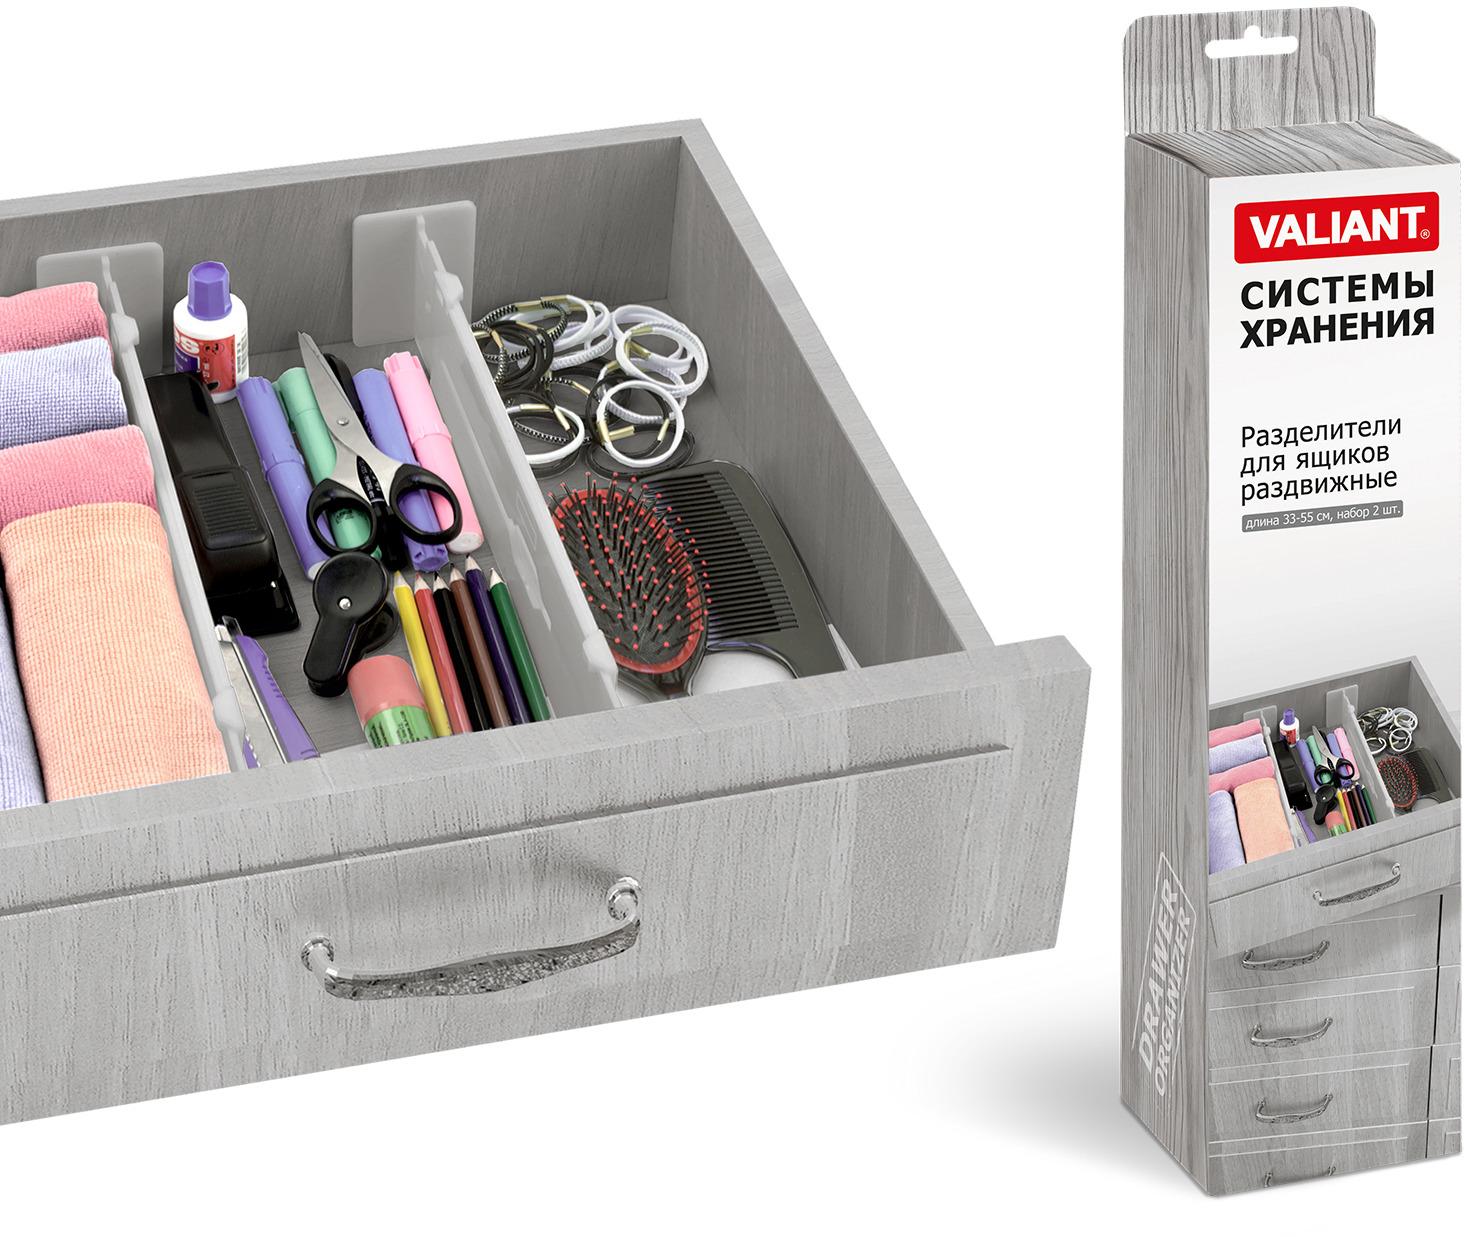 разделители в ящик valiant valiant mp002xu0e98t Разделители для ящика Valiant Drawer Organizer, цвет: серый, 32.6 x 8.8 см, 2 шт